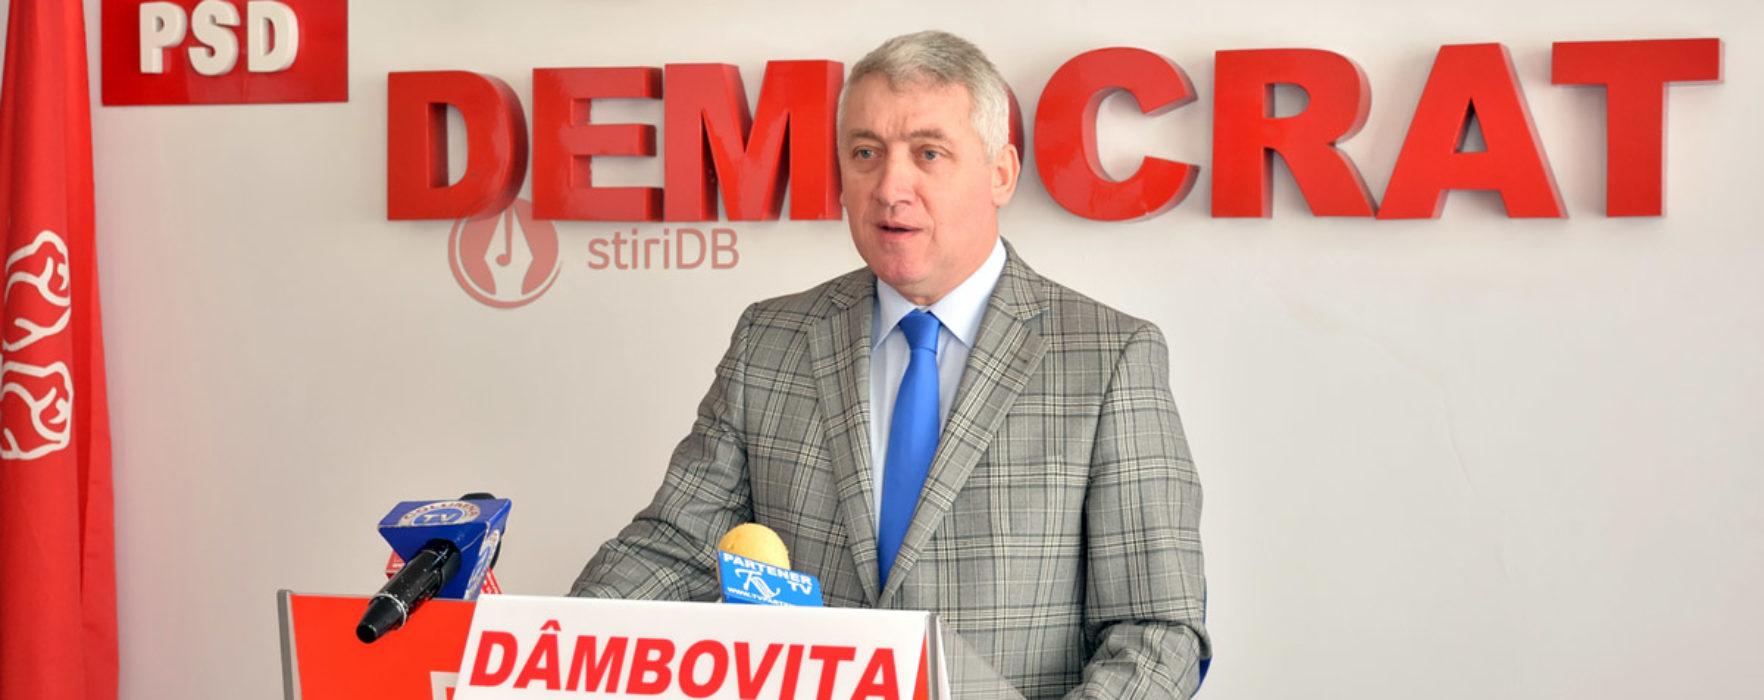 Adrian Ţuţuianu: Mi-am depus candidatura pentru funcţia de vicepreşedinte al PSD pe regiunea sud Muntenia